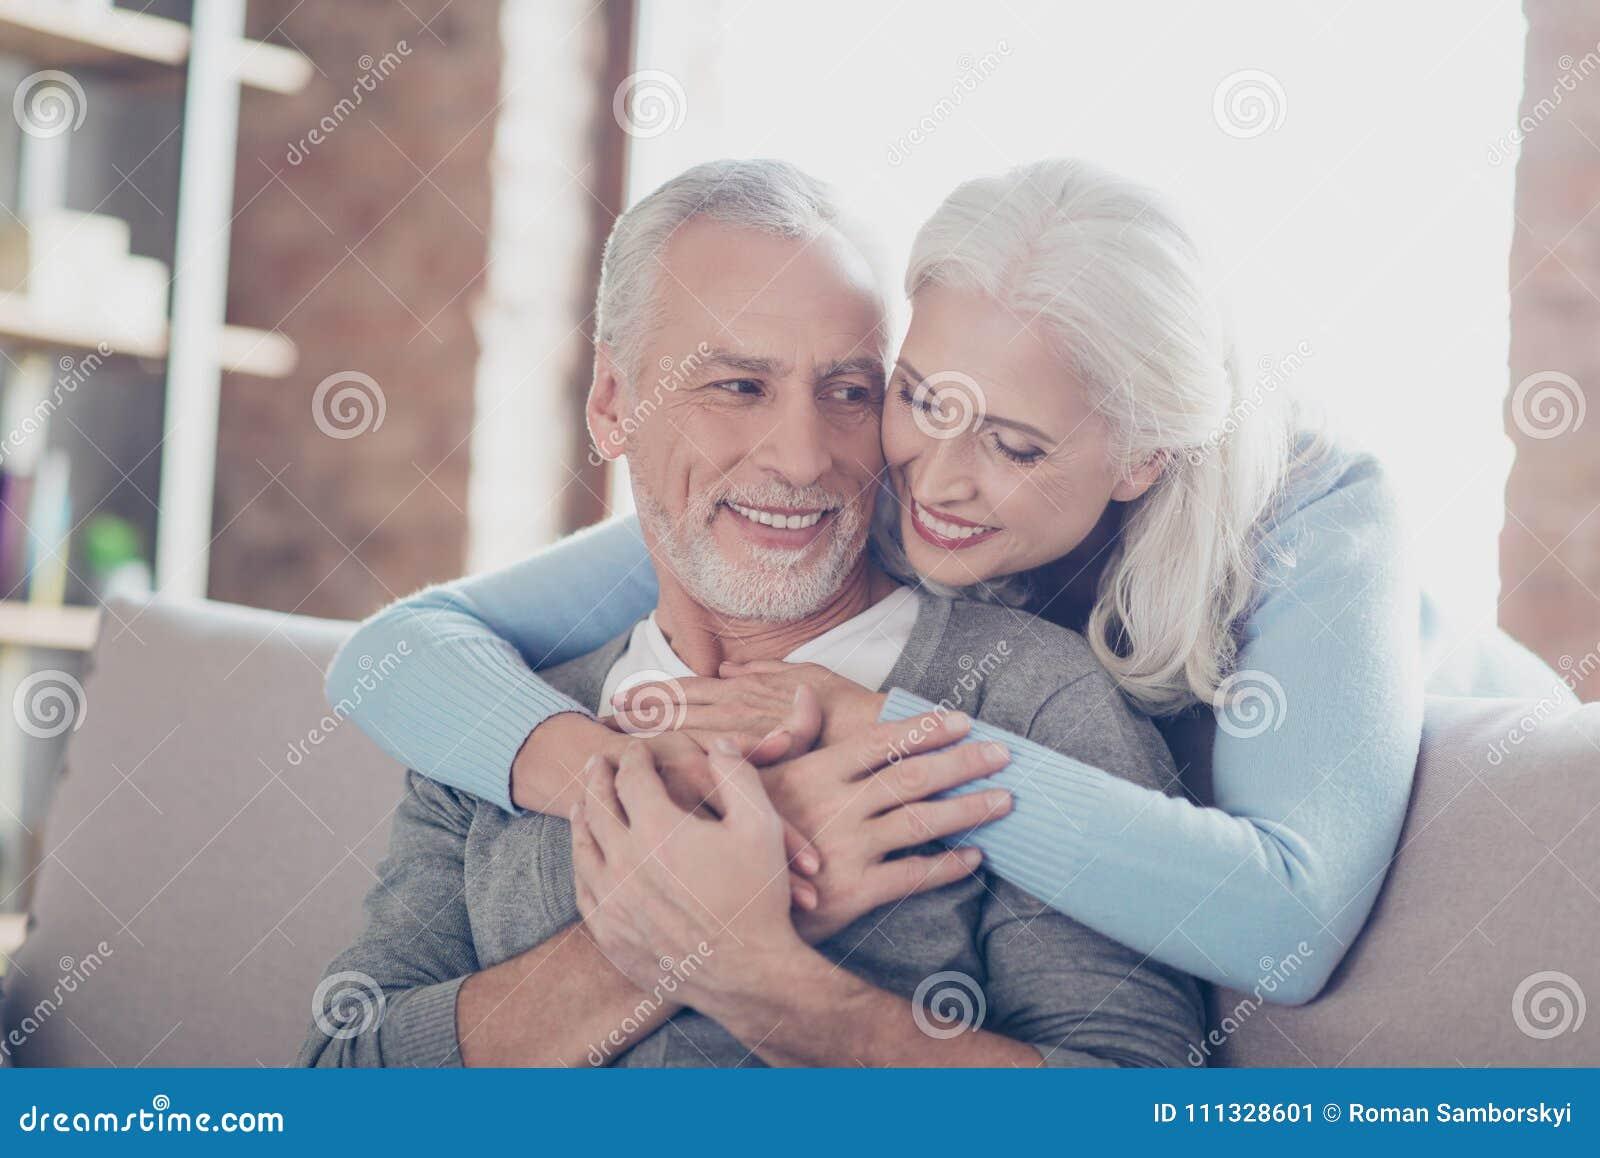 Sluit omhoog foto van gelukkig blij mooi paar van oude mensen wh